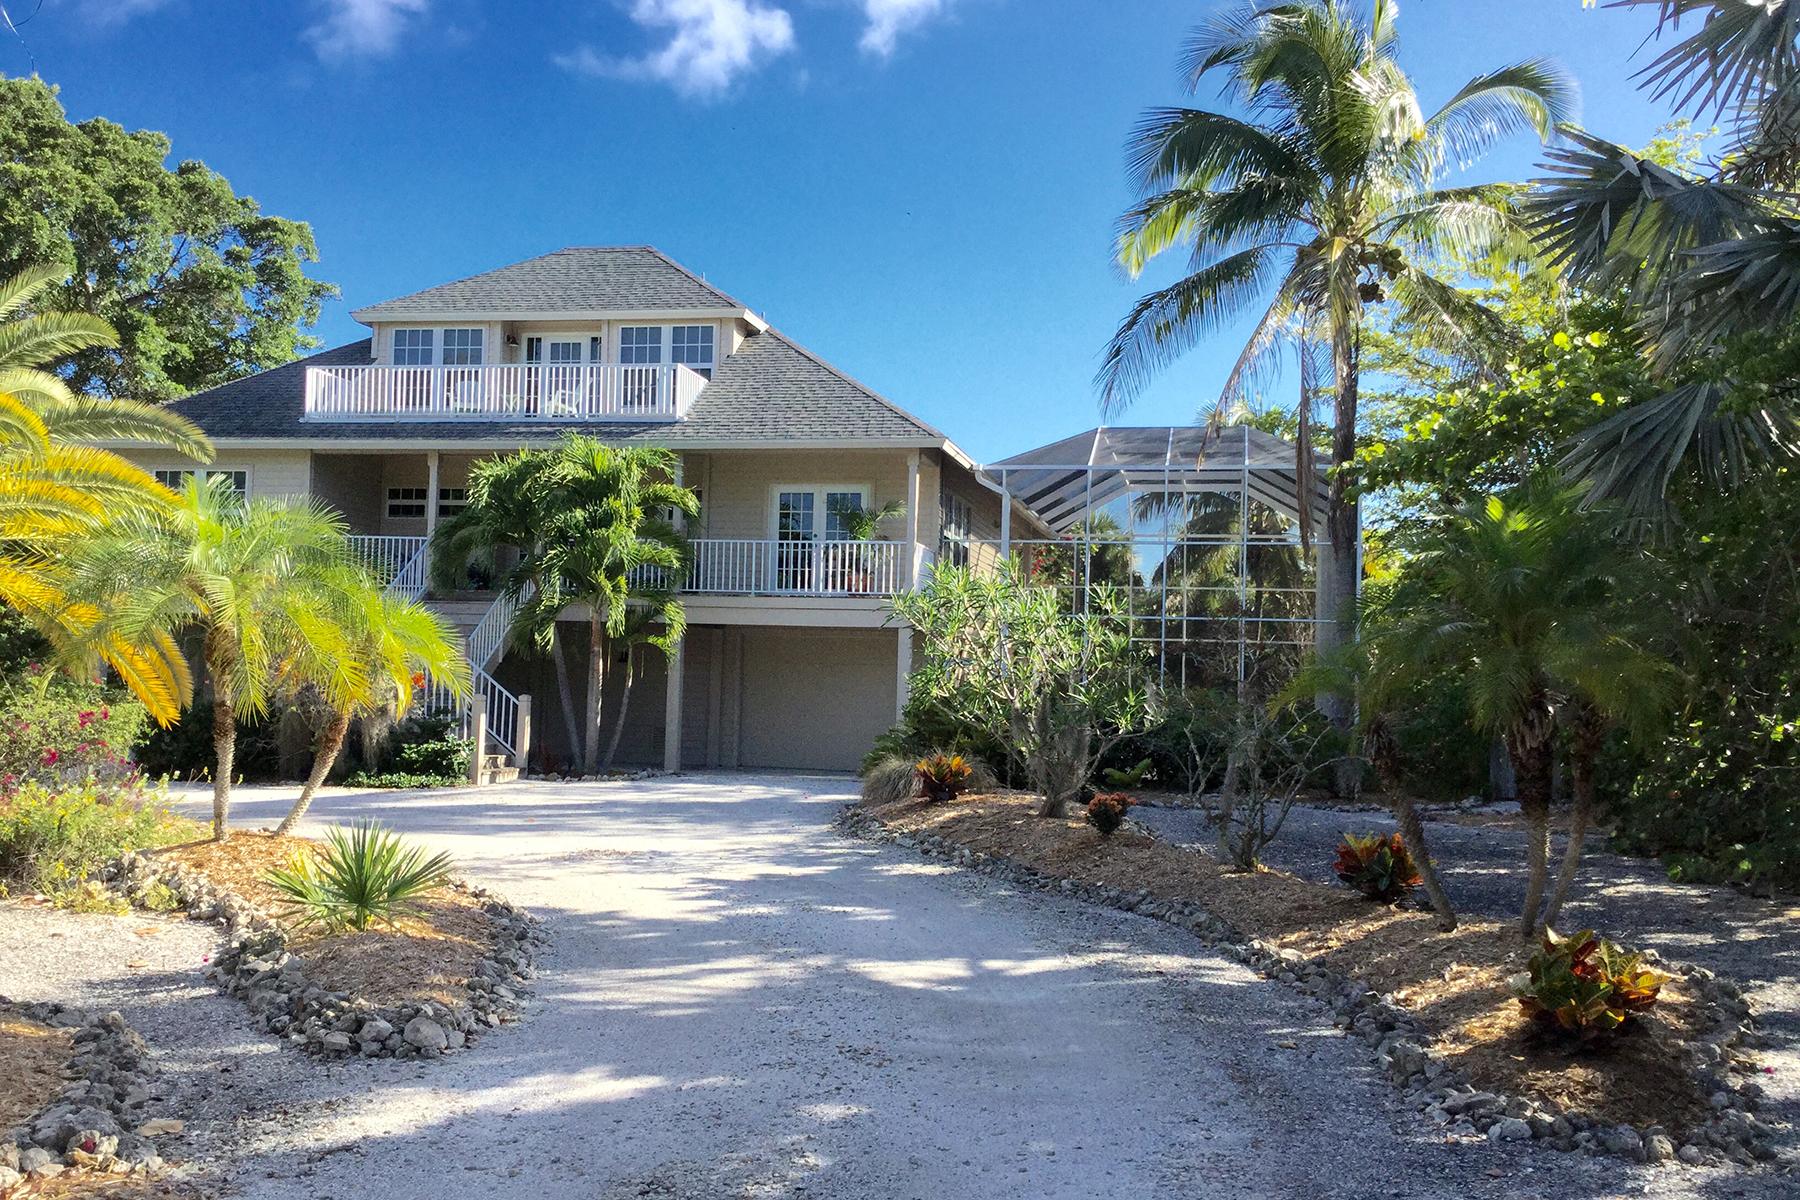 独户住宅 为 销售 在 SANIBEL 3386 W Gulf Dr 撒你贝尔, 佛罗里达州, 33957 美国